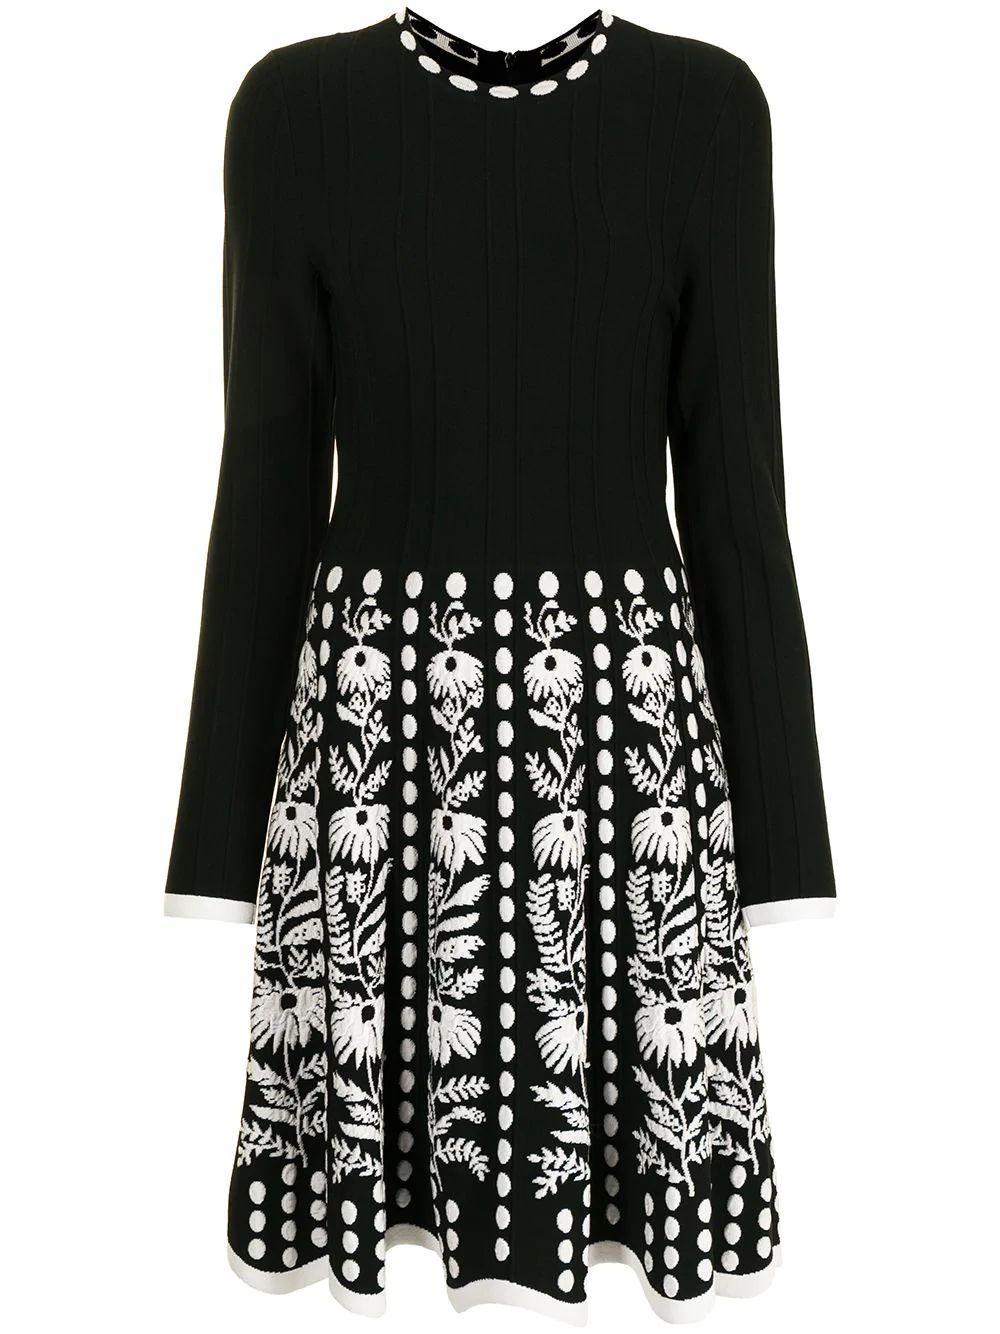 Floral Jacquard Knit Dress Item # F20KN3565